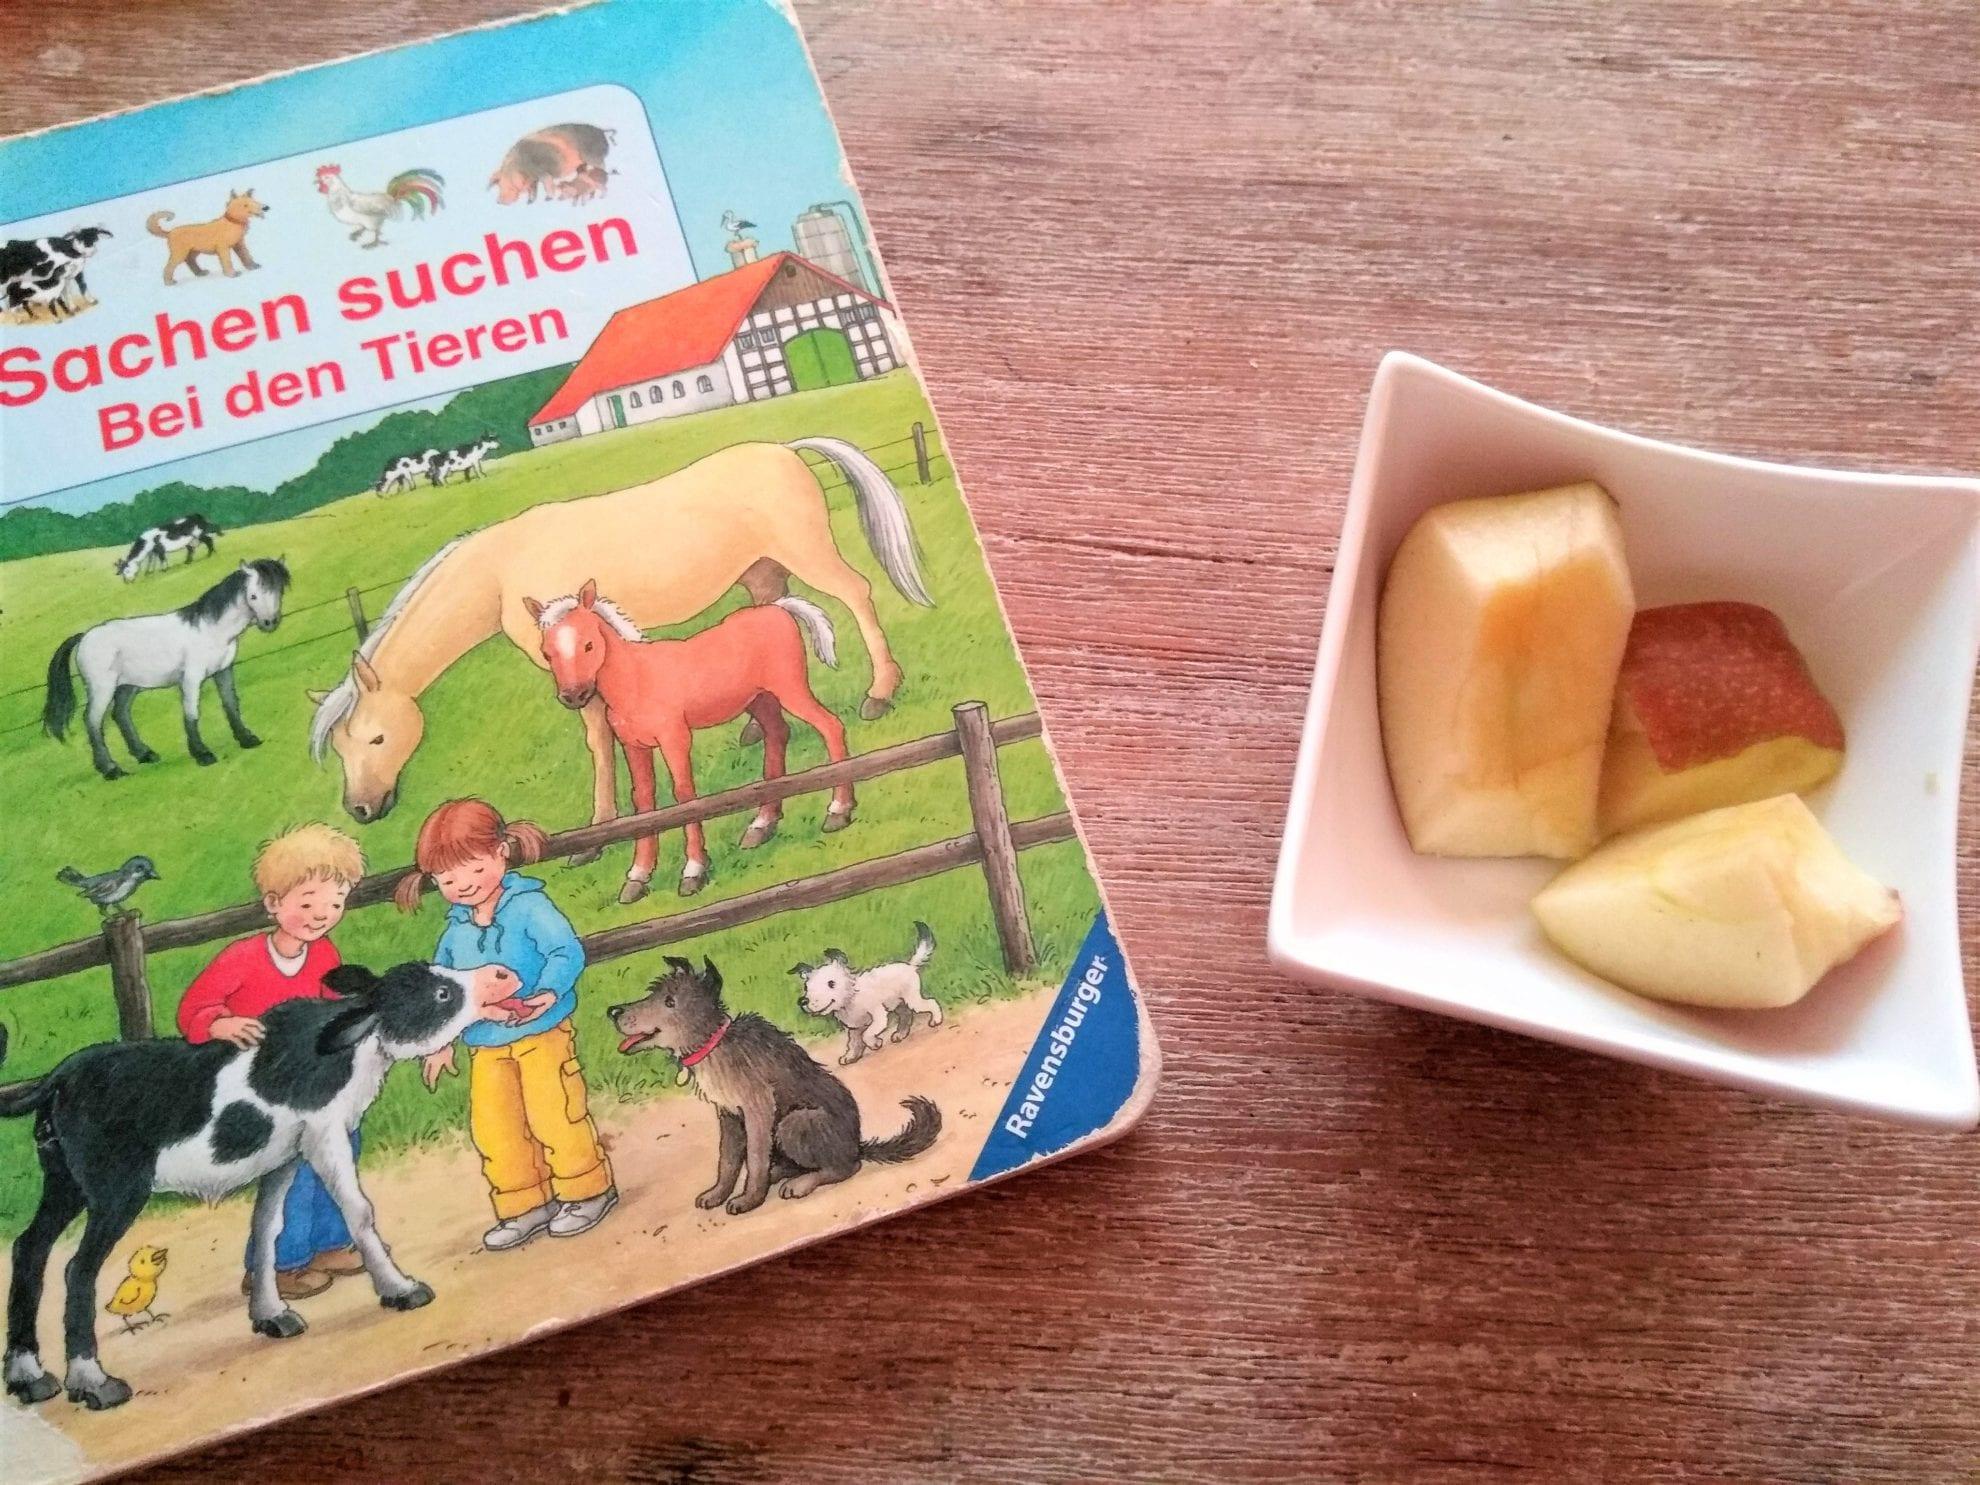 WMDEDGT 2/18, Wimmelbuch lesen und Apfel essen, Puddingklecks